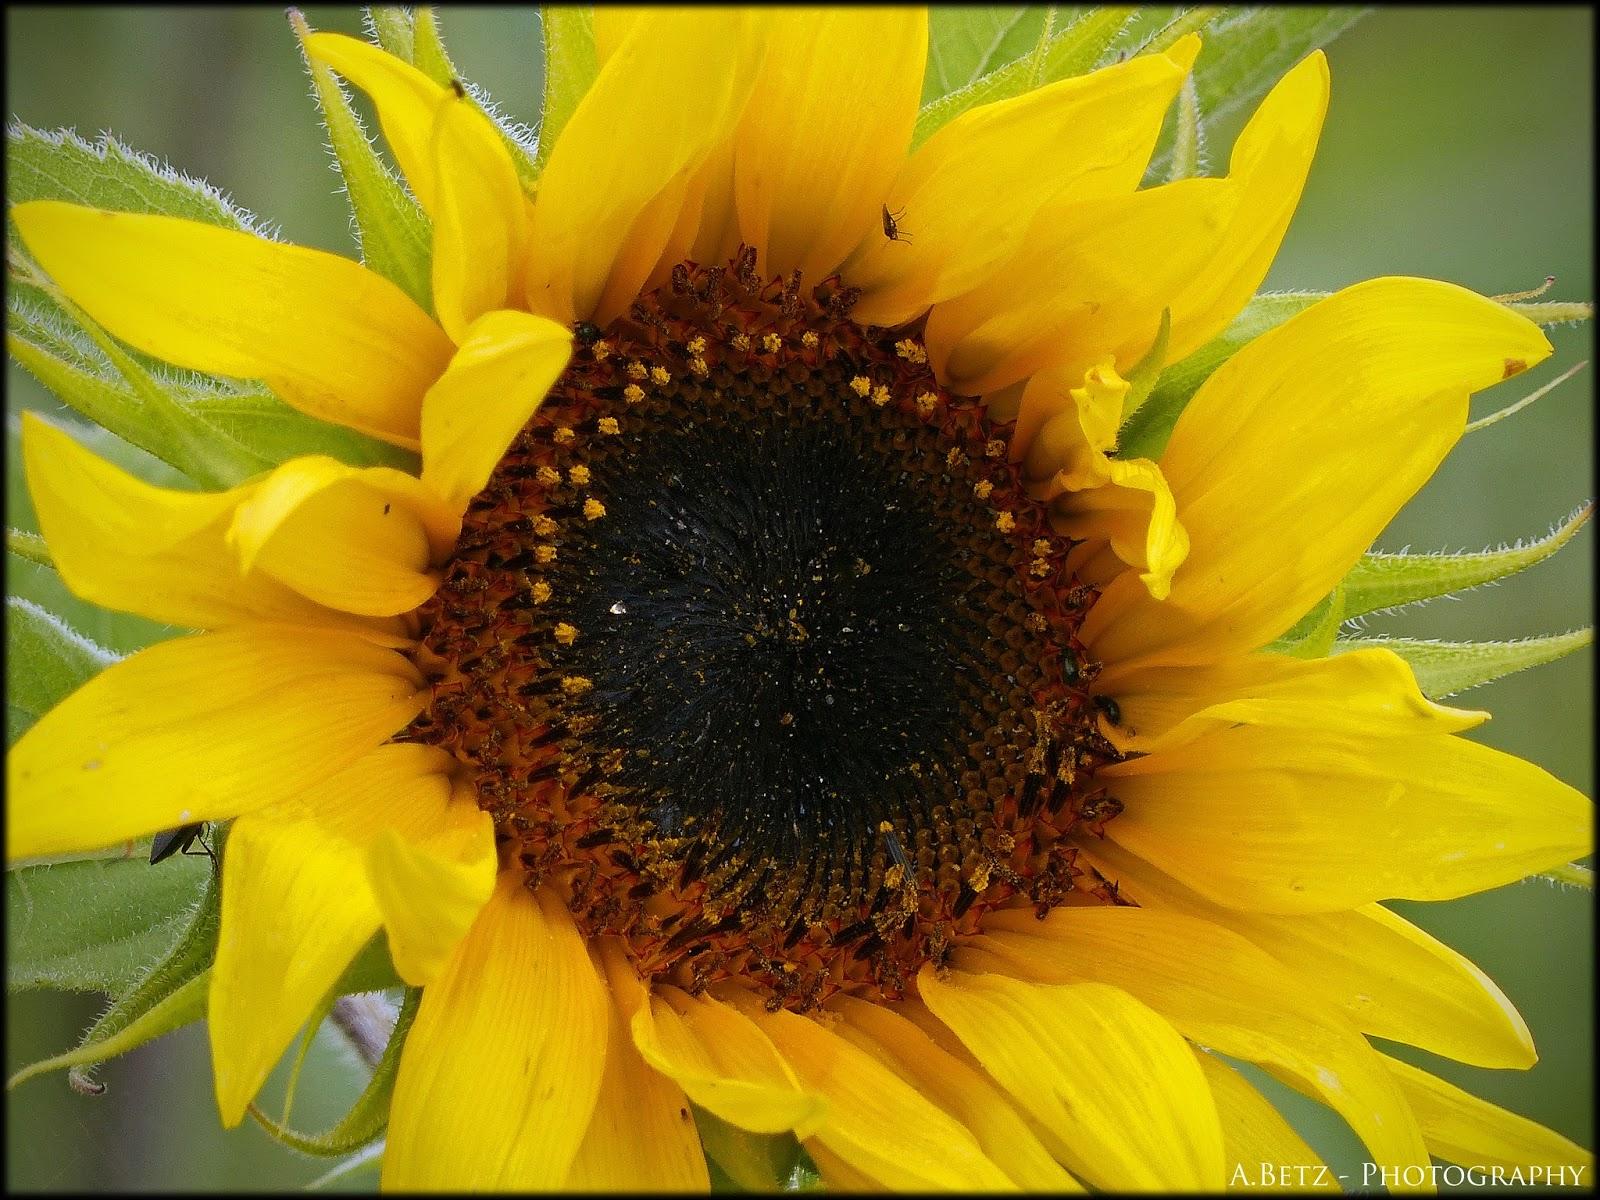 Augenblicke Fotografie Sonnenblumen